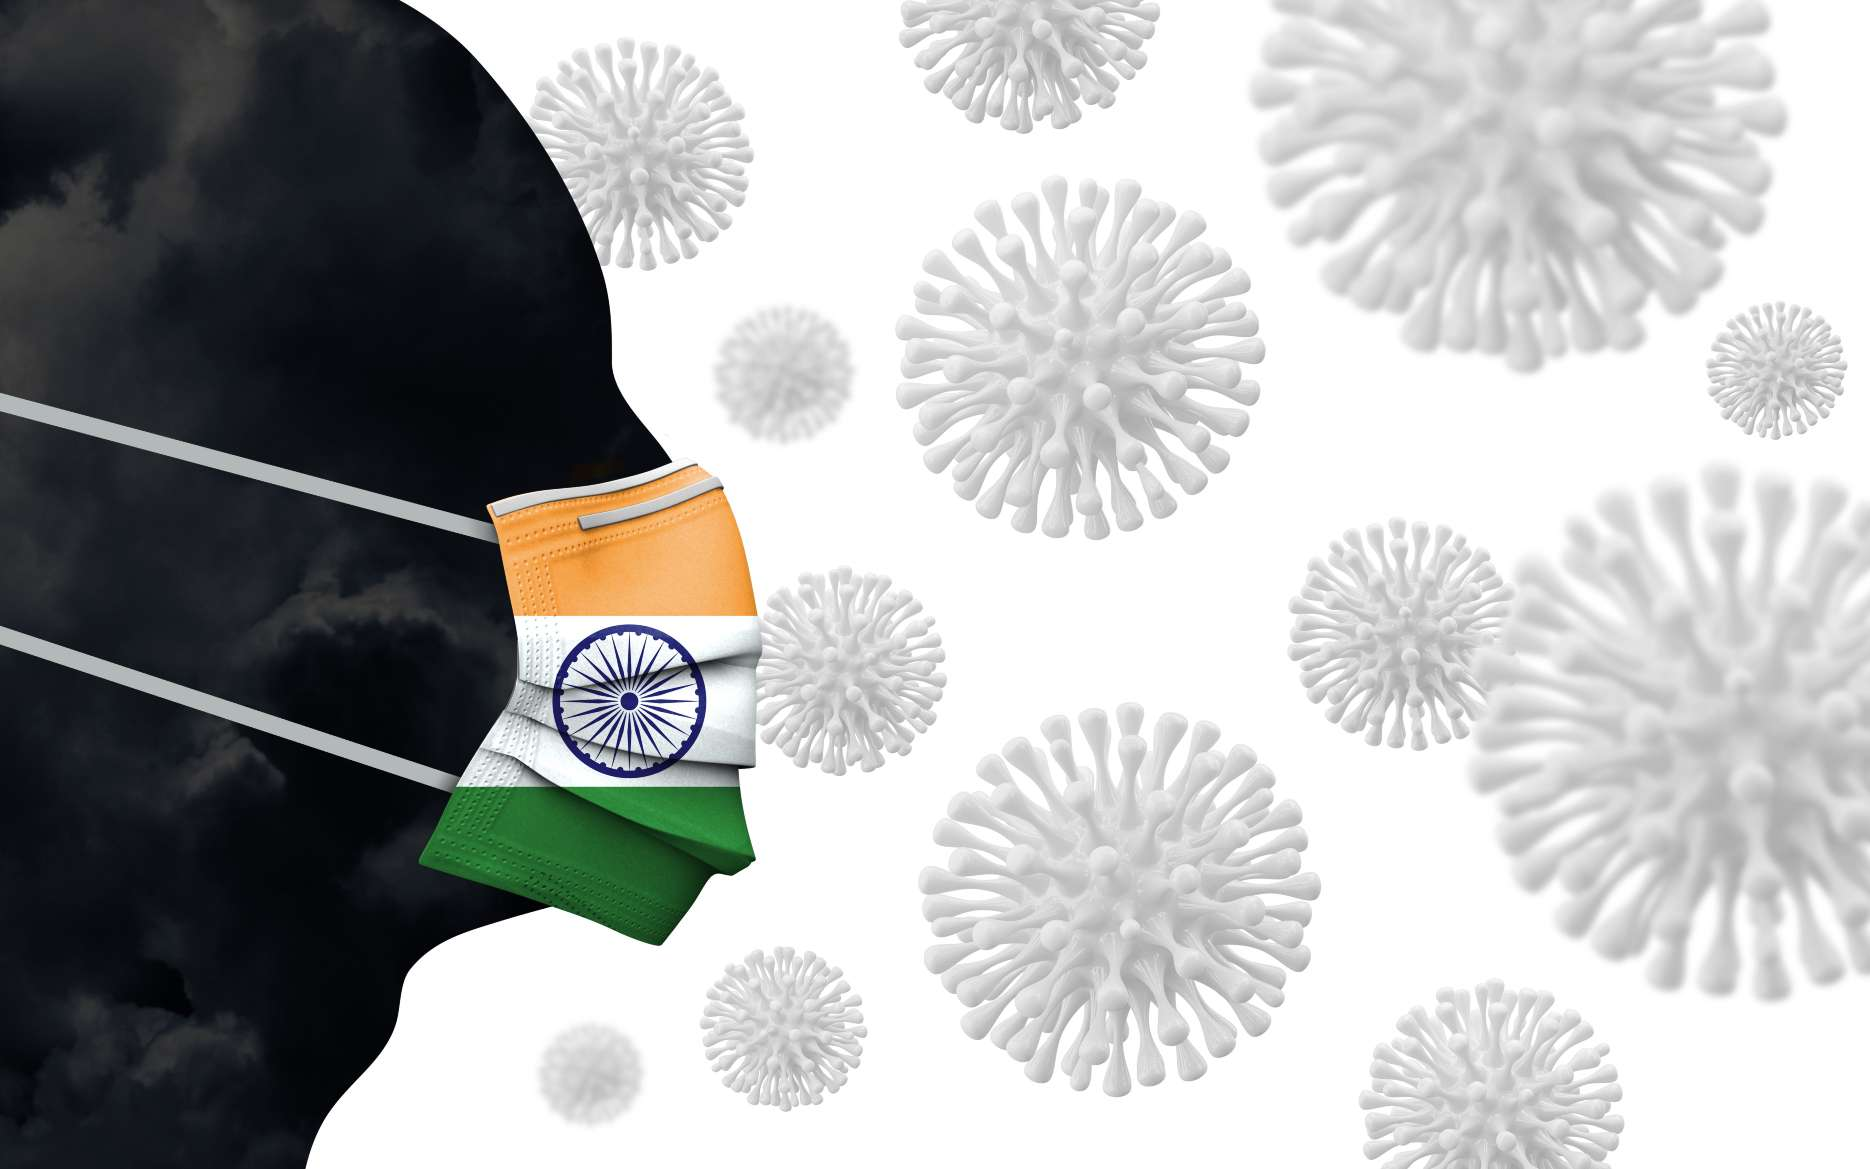 Un nouveau variant du coronavirus a émergé en Inde. © ink drop, Adobe Stock